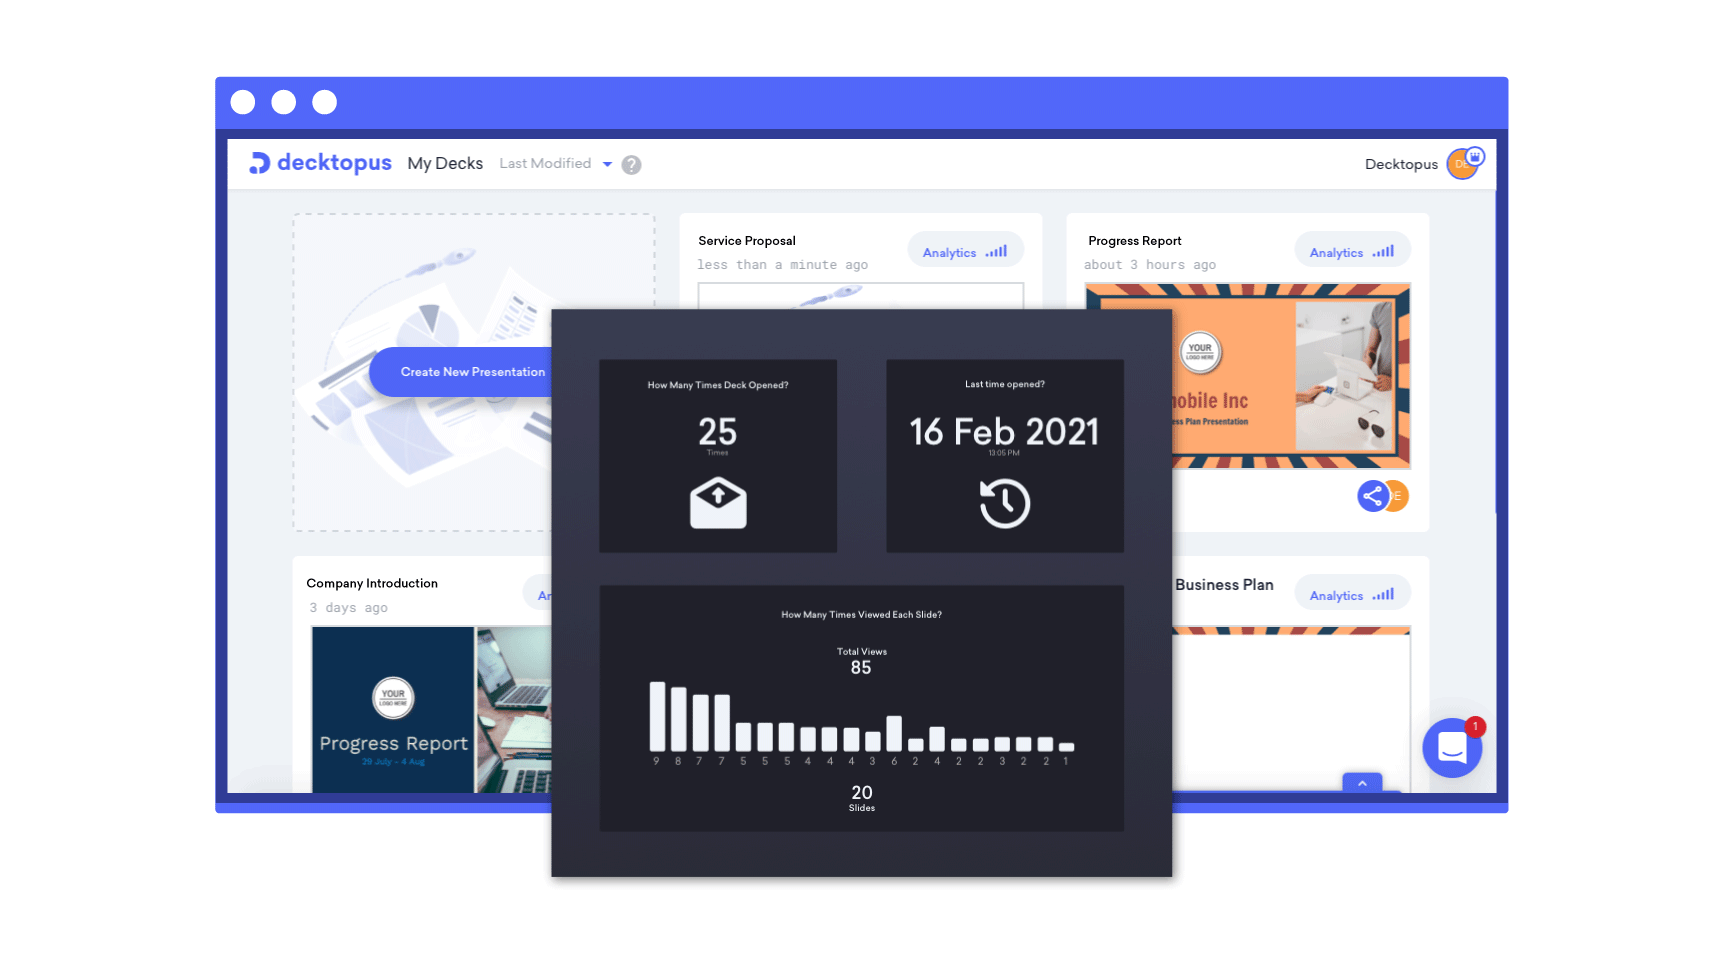 an analytics screen of decktopus